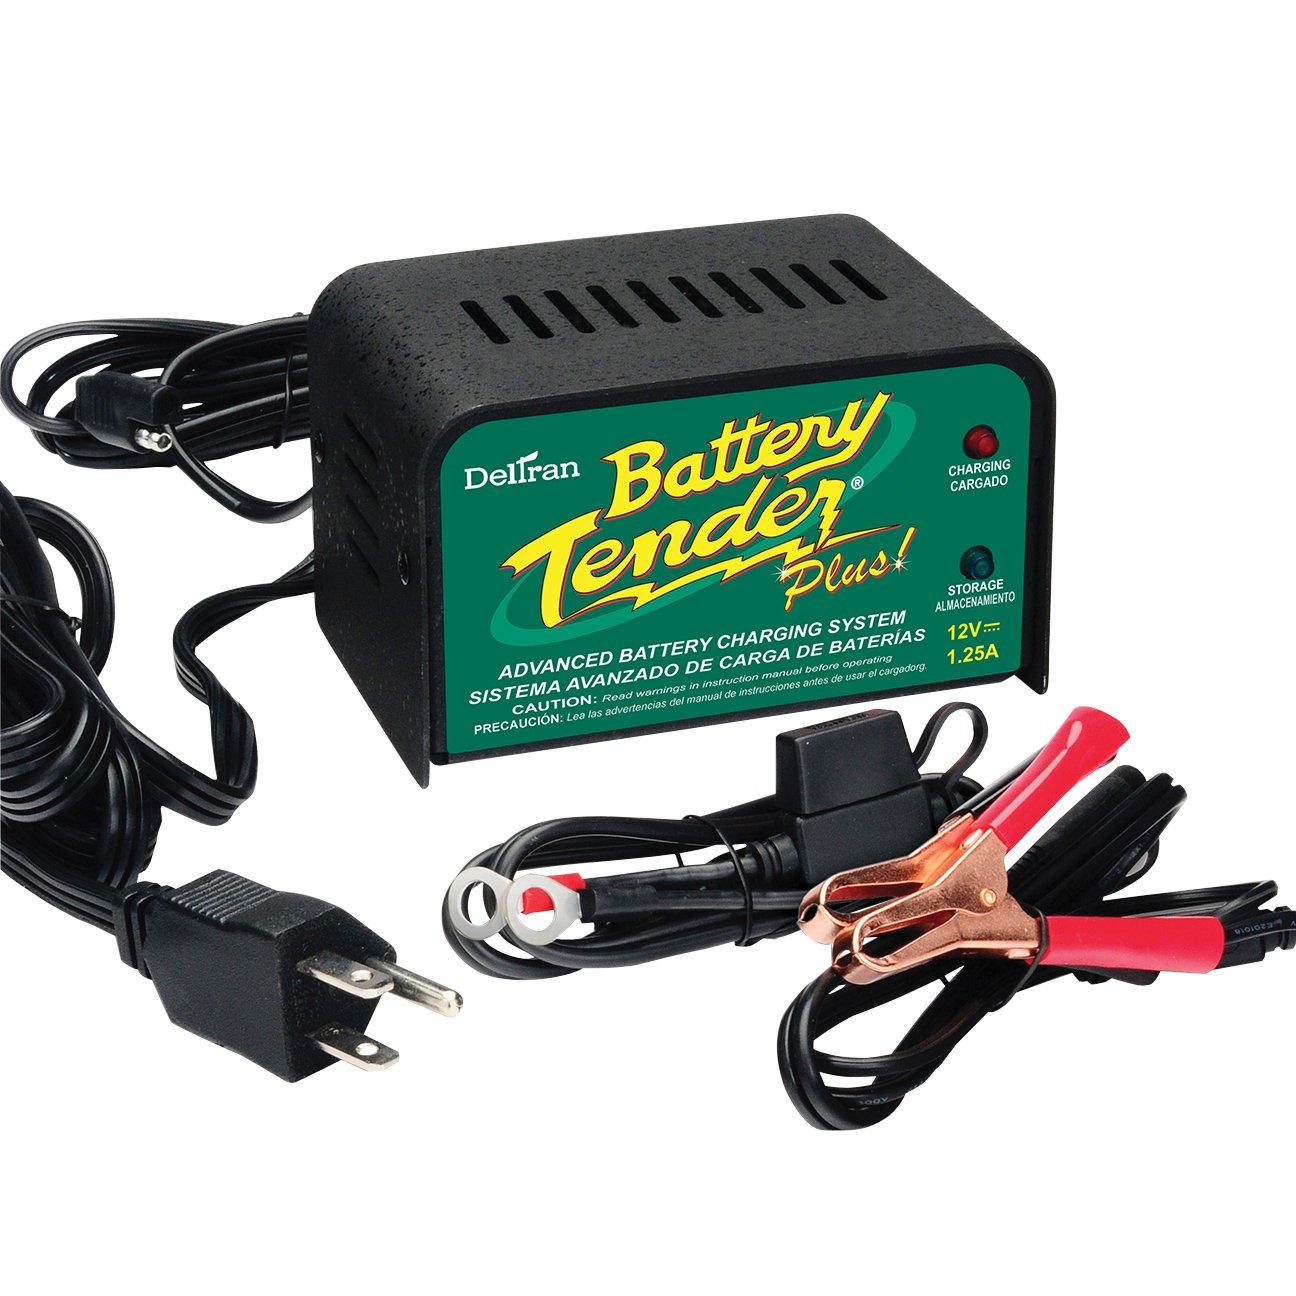 Deltran Battery Tender 10513 Black 1.25 Charger/Maintainer for 12 V Batteries